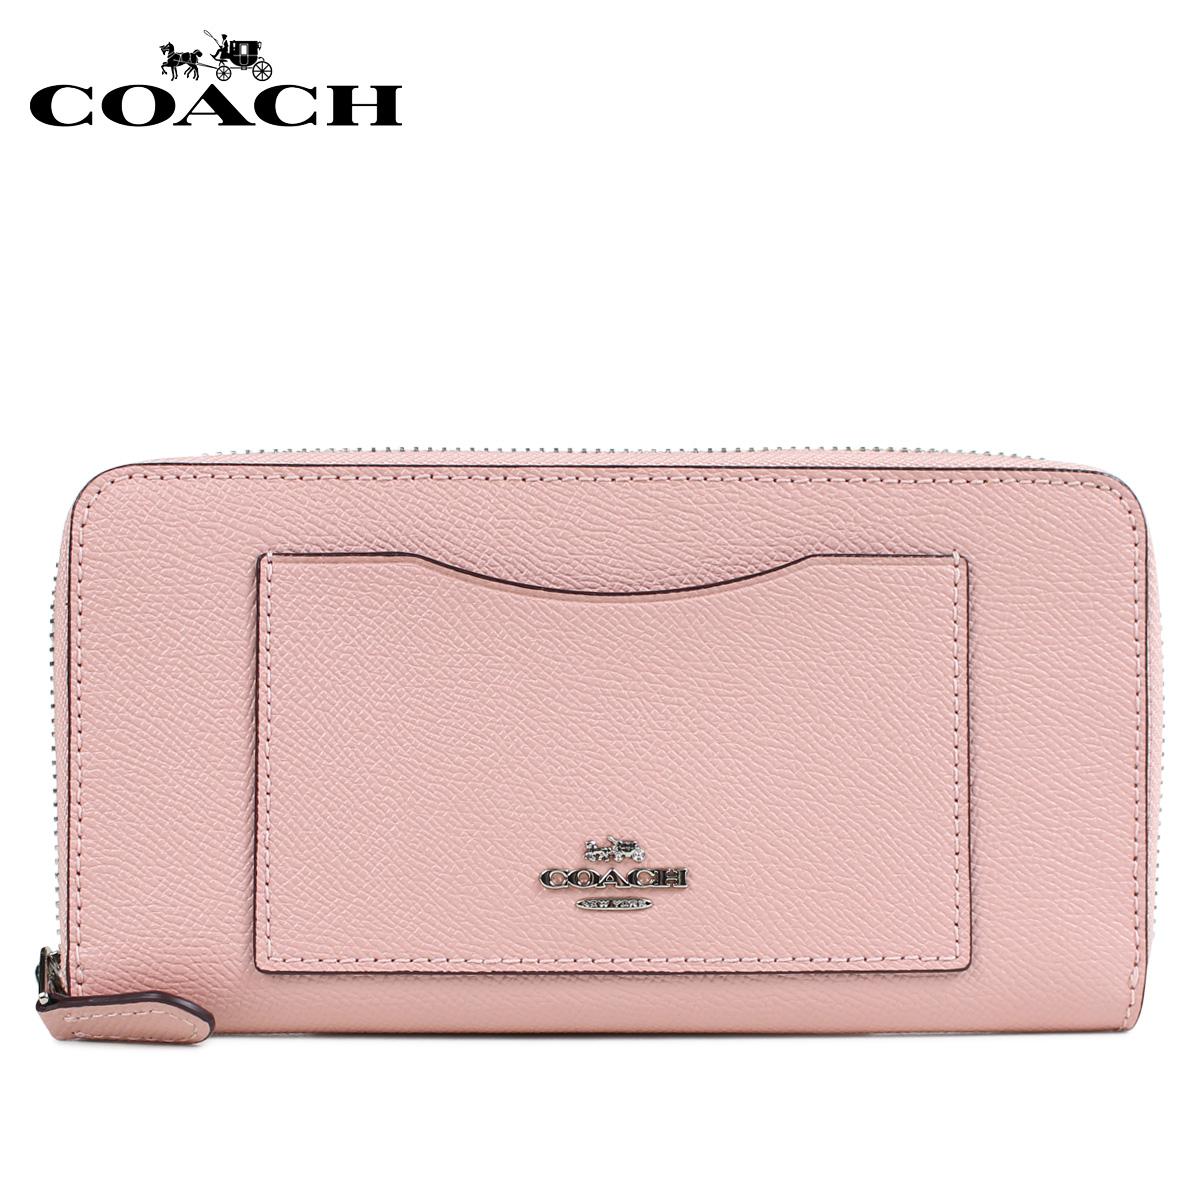 COACH F54007 コーチ 財布 長財布 レディース ラウンドファスナー レザー ピンク